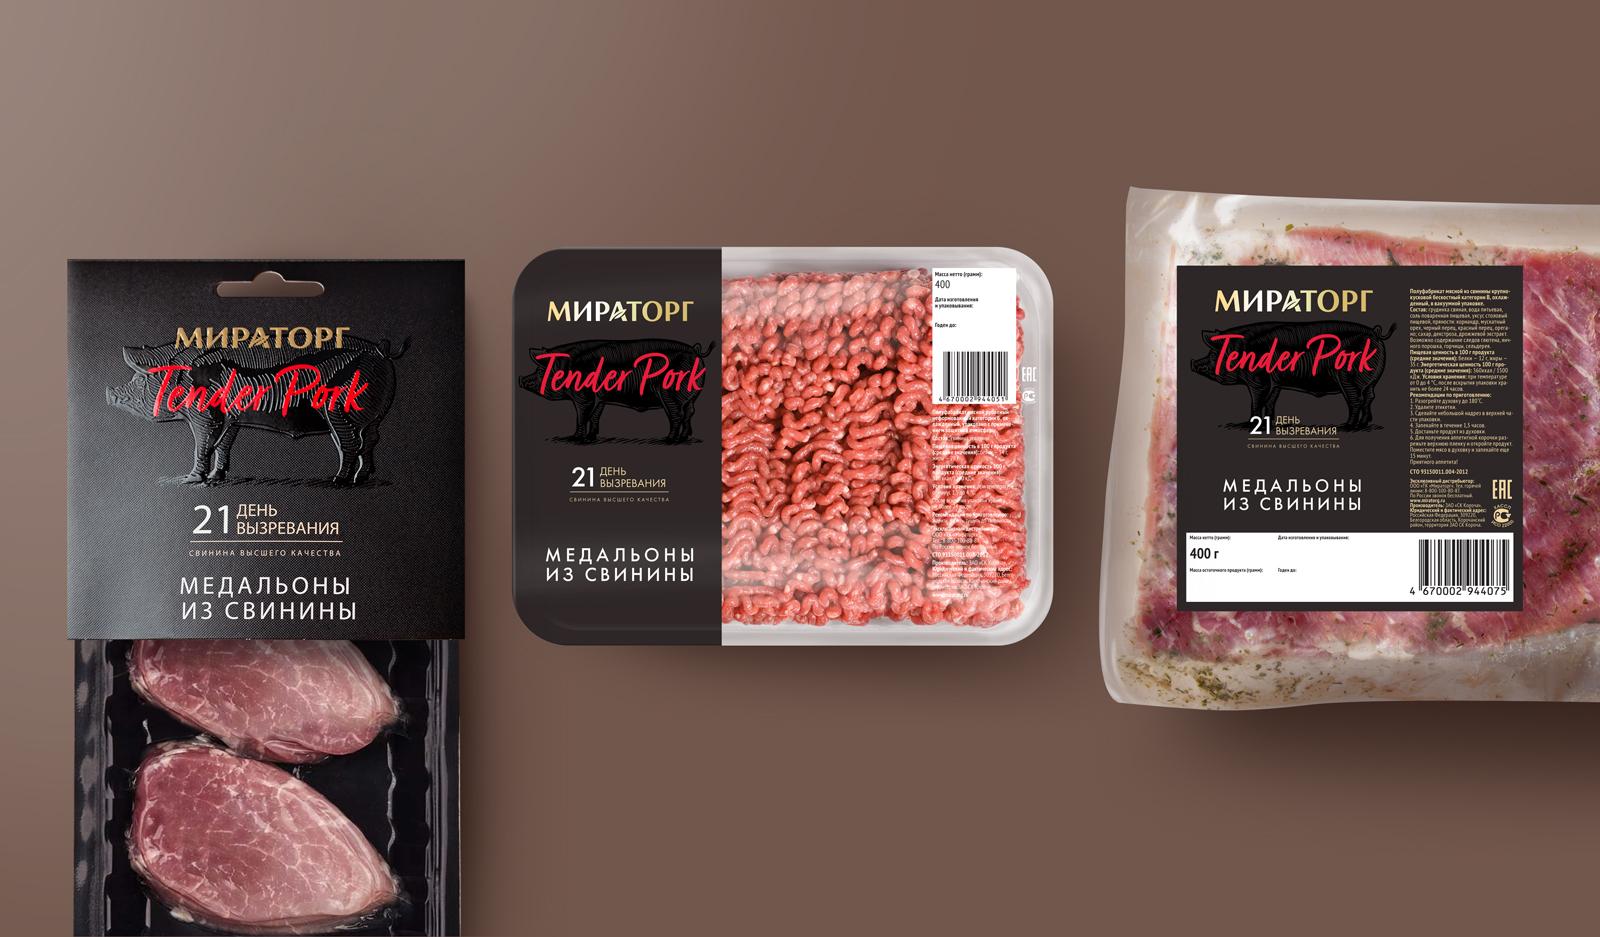 Каждая этикетка содержит информативный клейм о сроке вызревания мяса